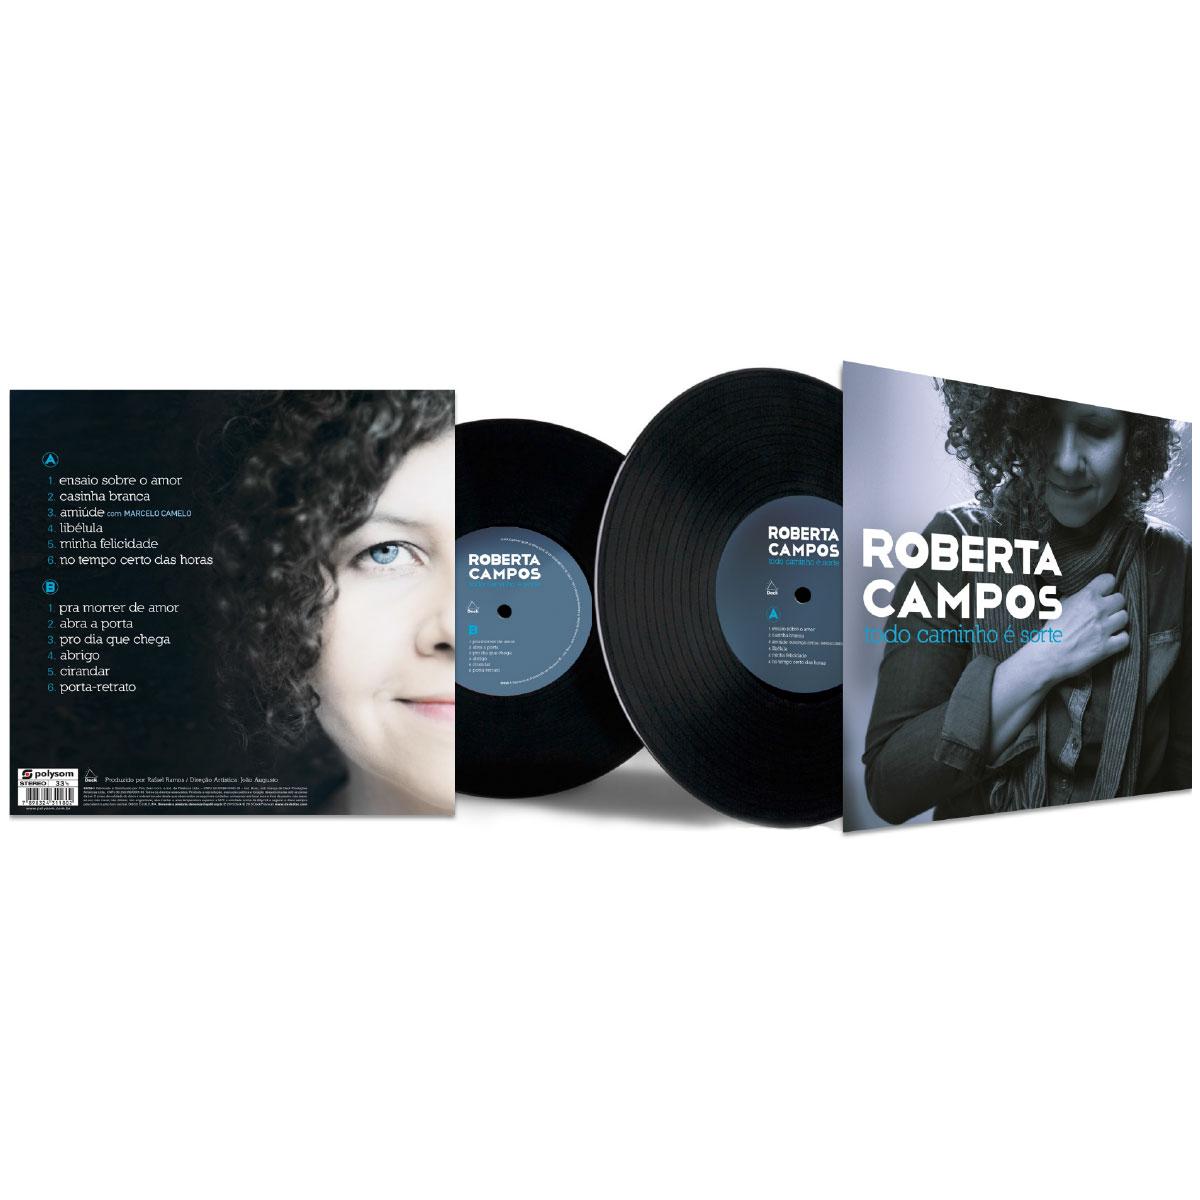 LP Roberta Campos Todo Caminho � Sorte